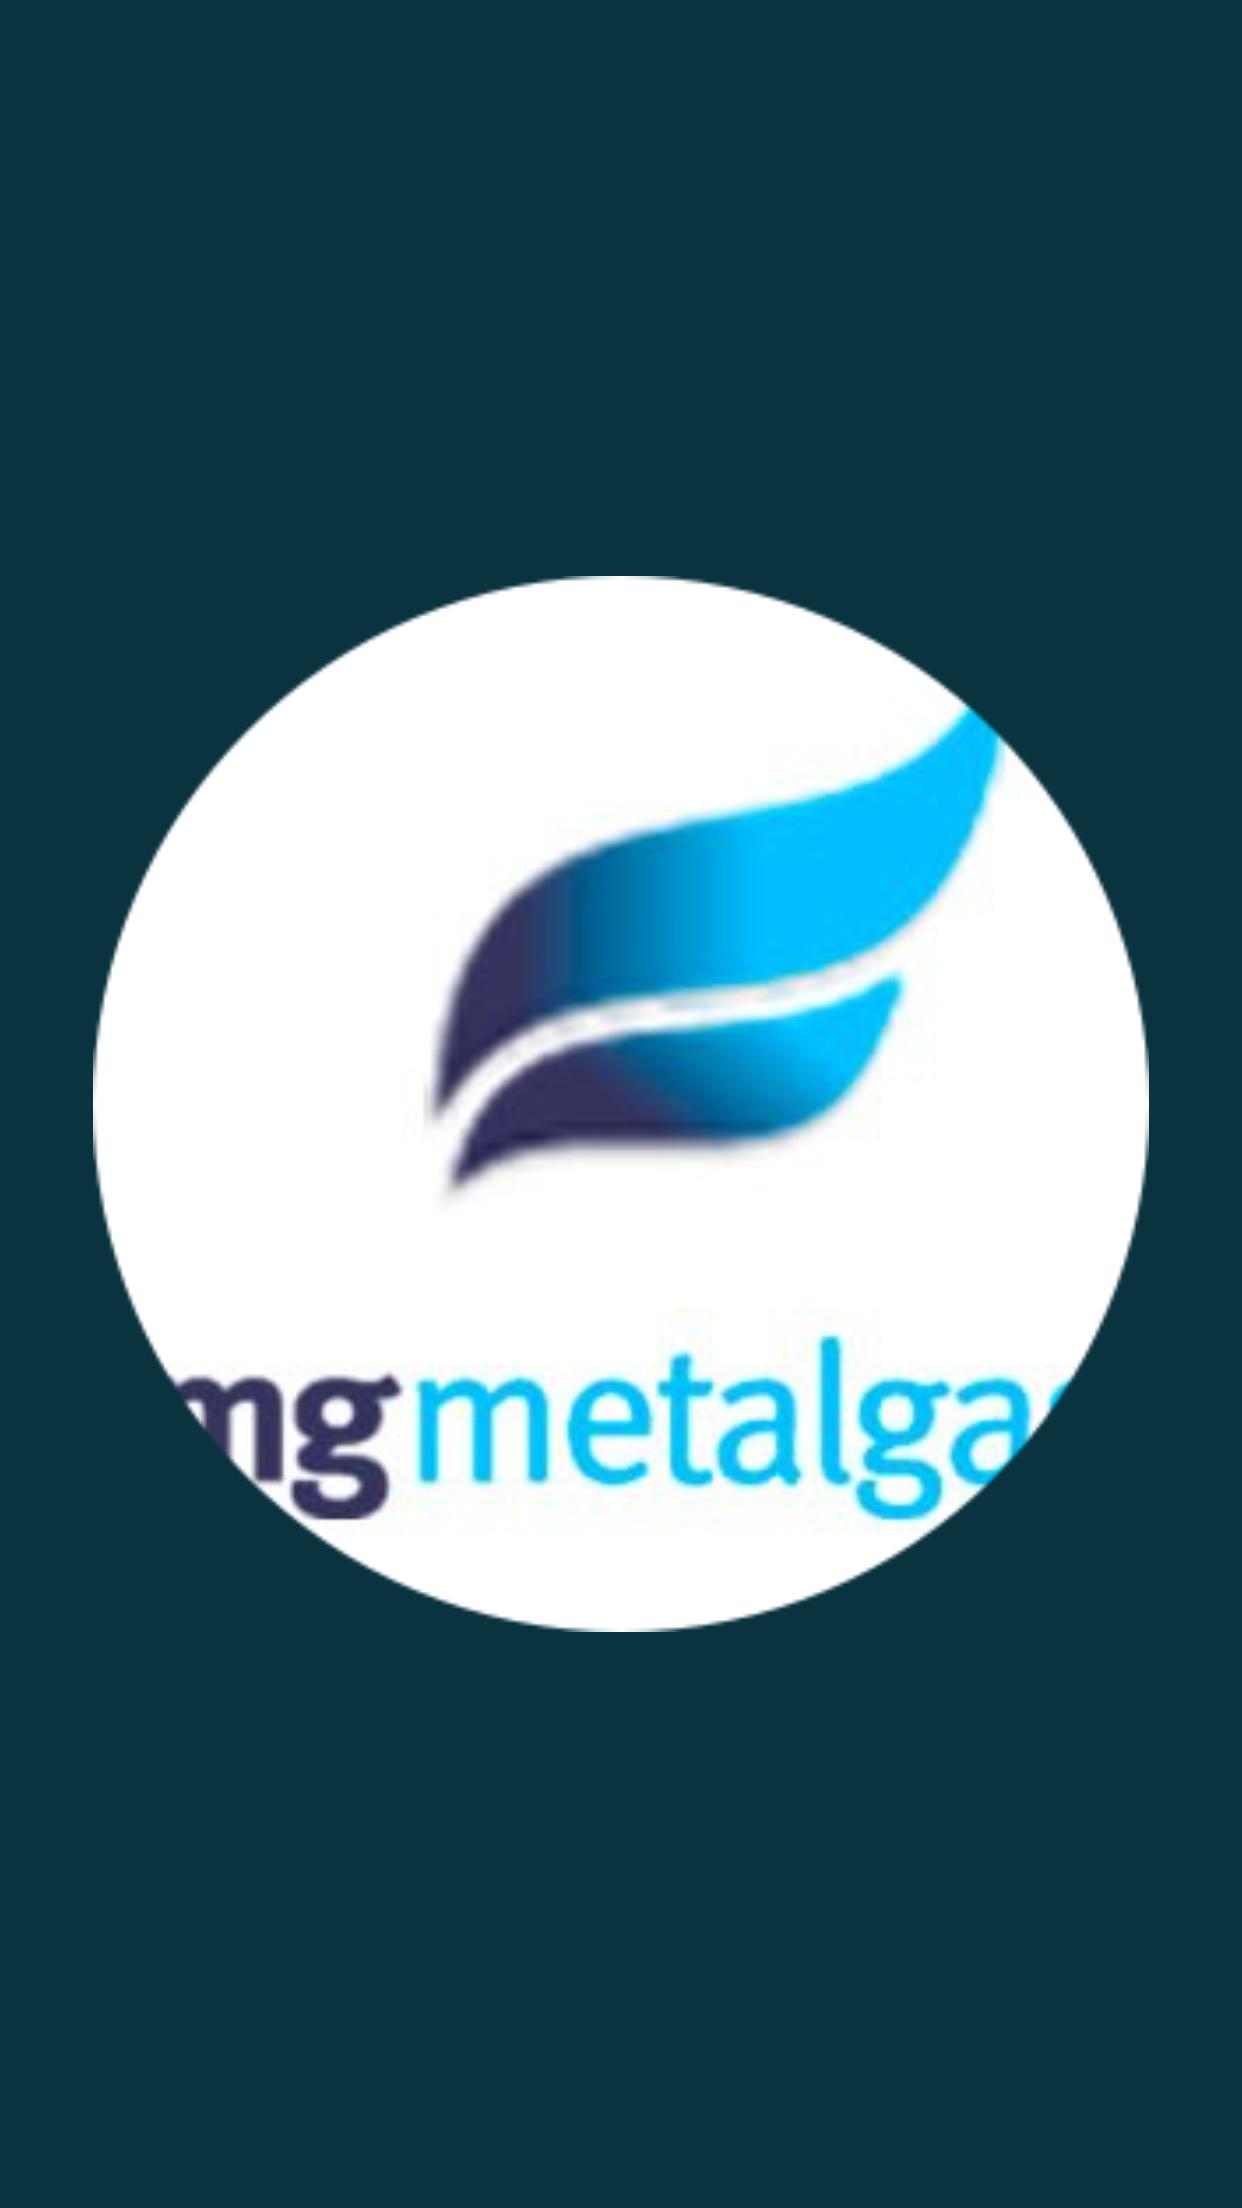 Mg Metalgas